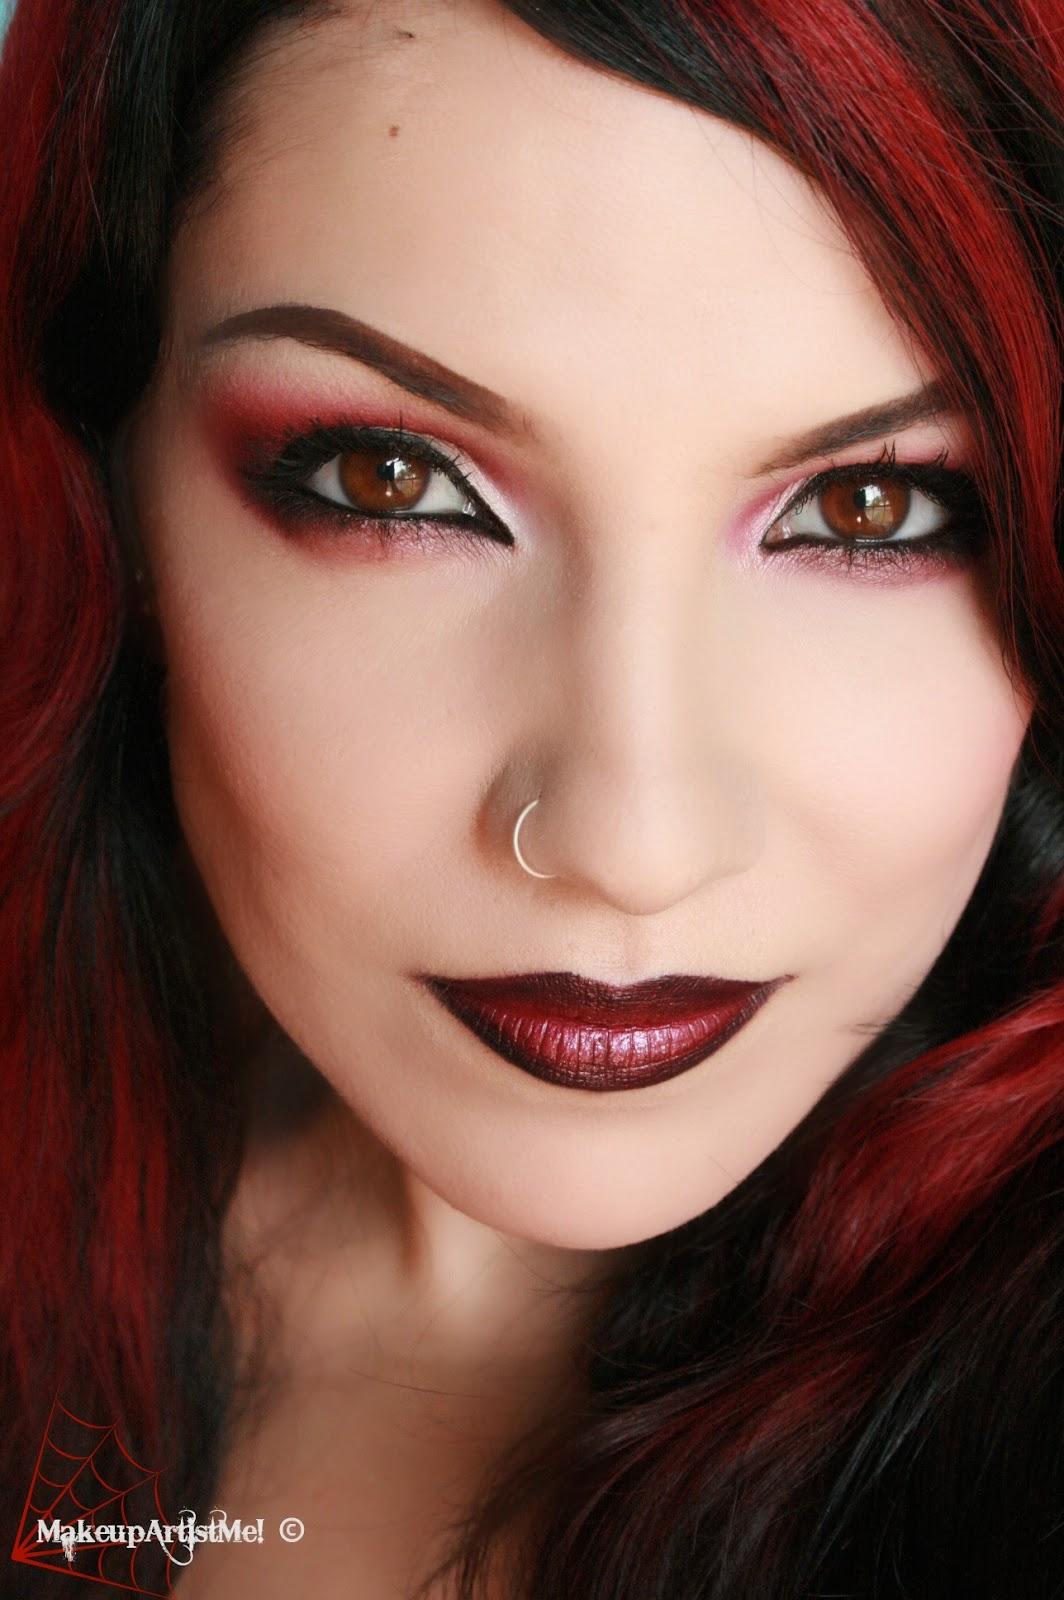 Eyeshadow Tutorial For Hooded Eyes: Make-up Artist Me!: Daring! Red Eyeshadow Makeup Tutorial